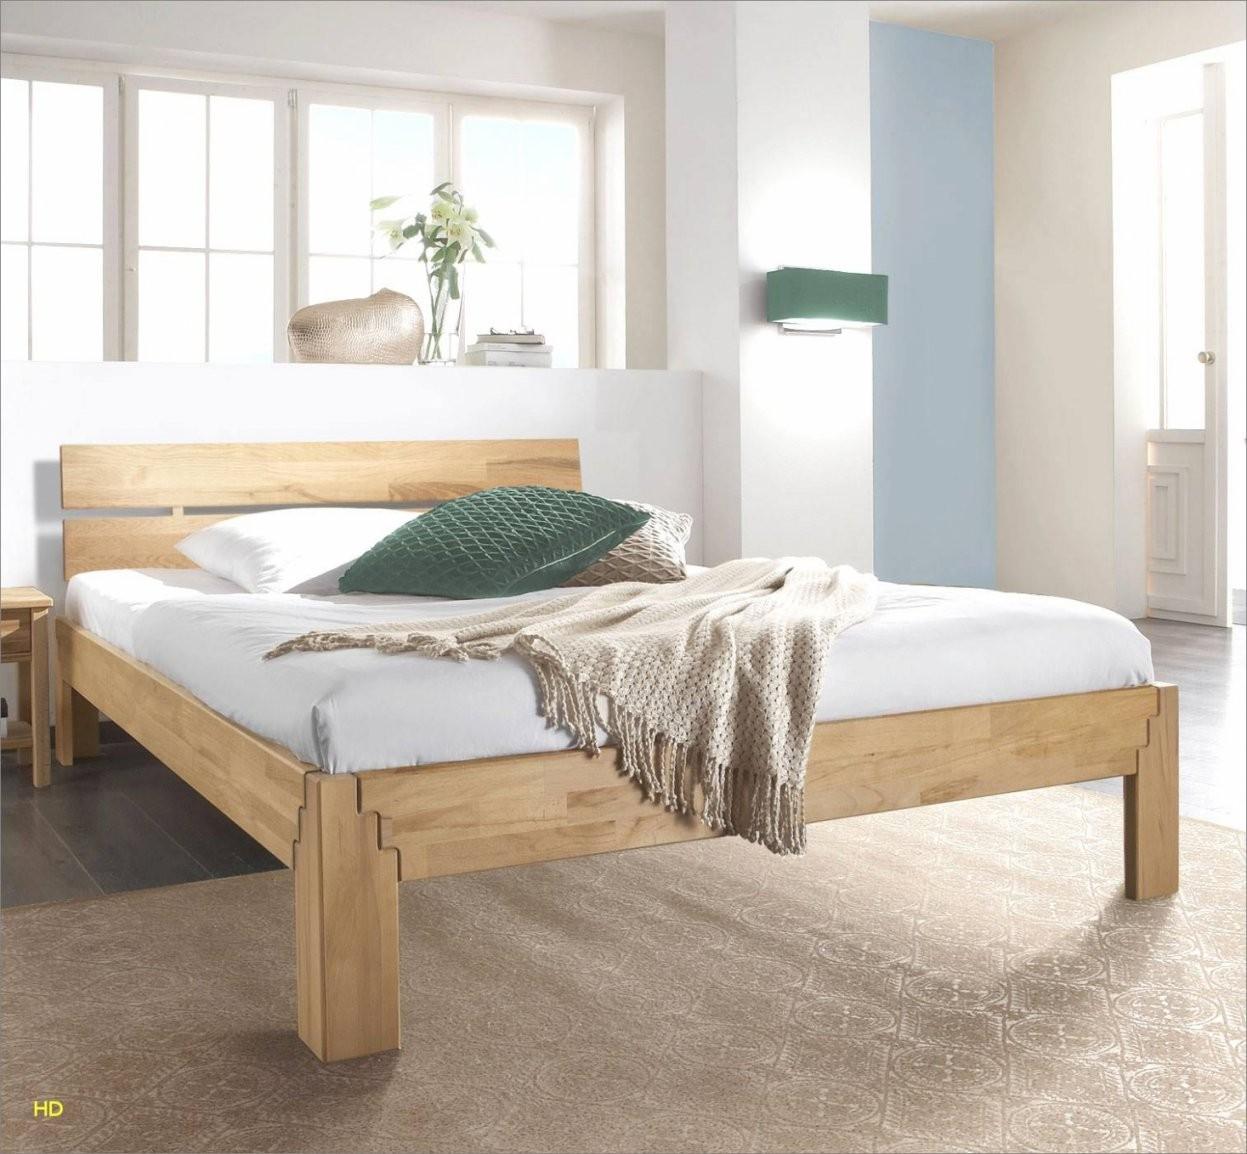 Das Beste Von 29 Bett Komforthöhe 180X200 Konzept Wohnträume — Yct von Bett Komforthöhe 180X200 Photo